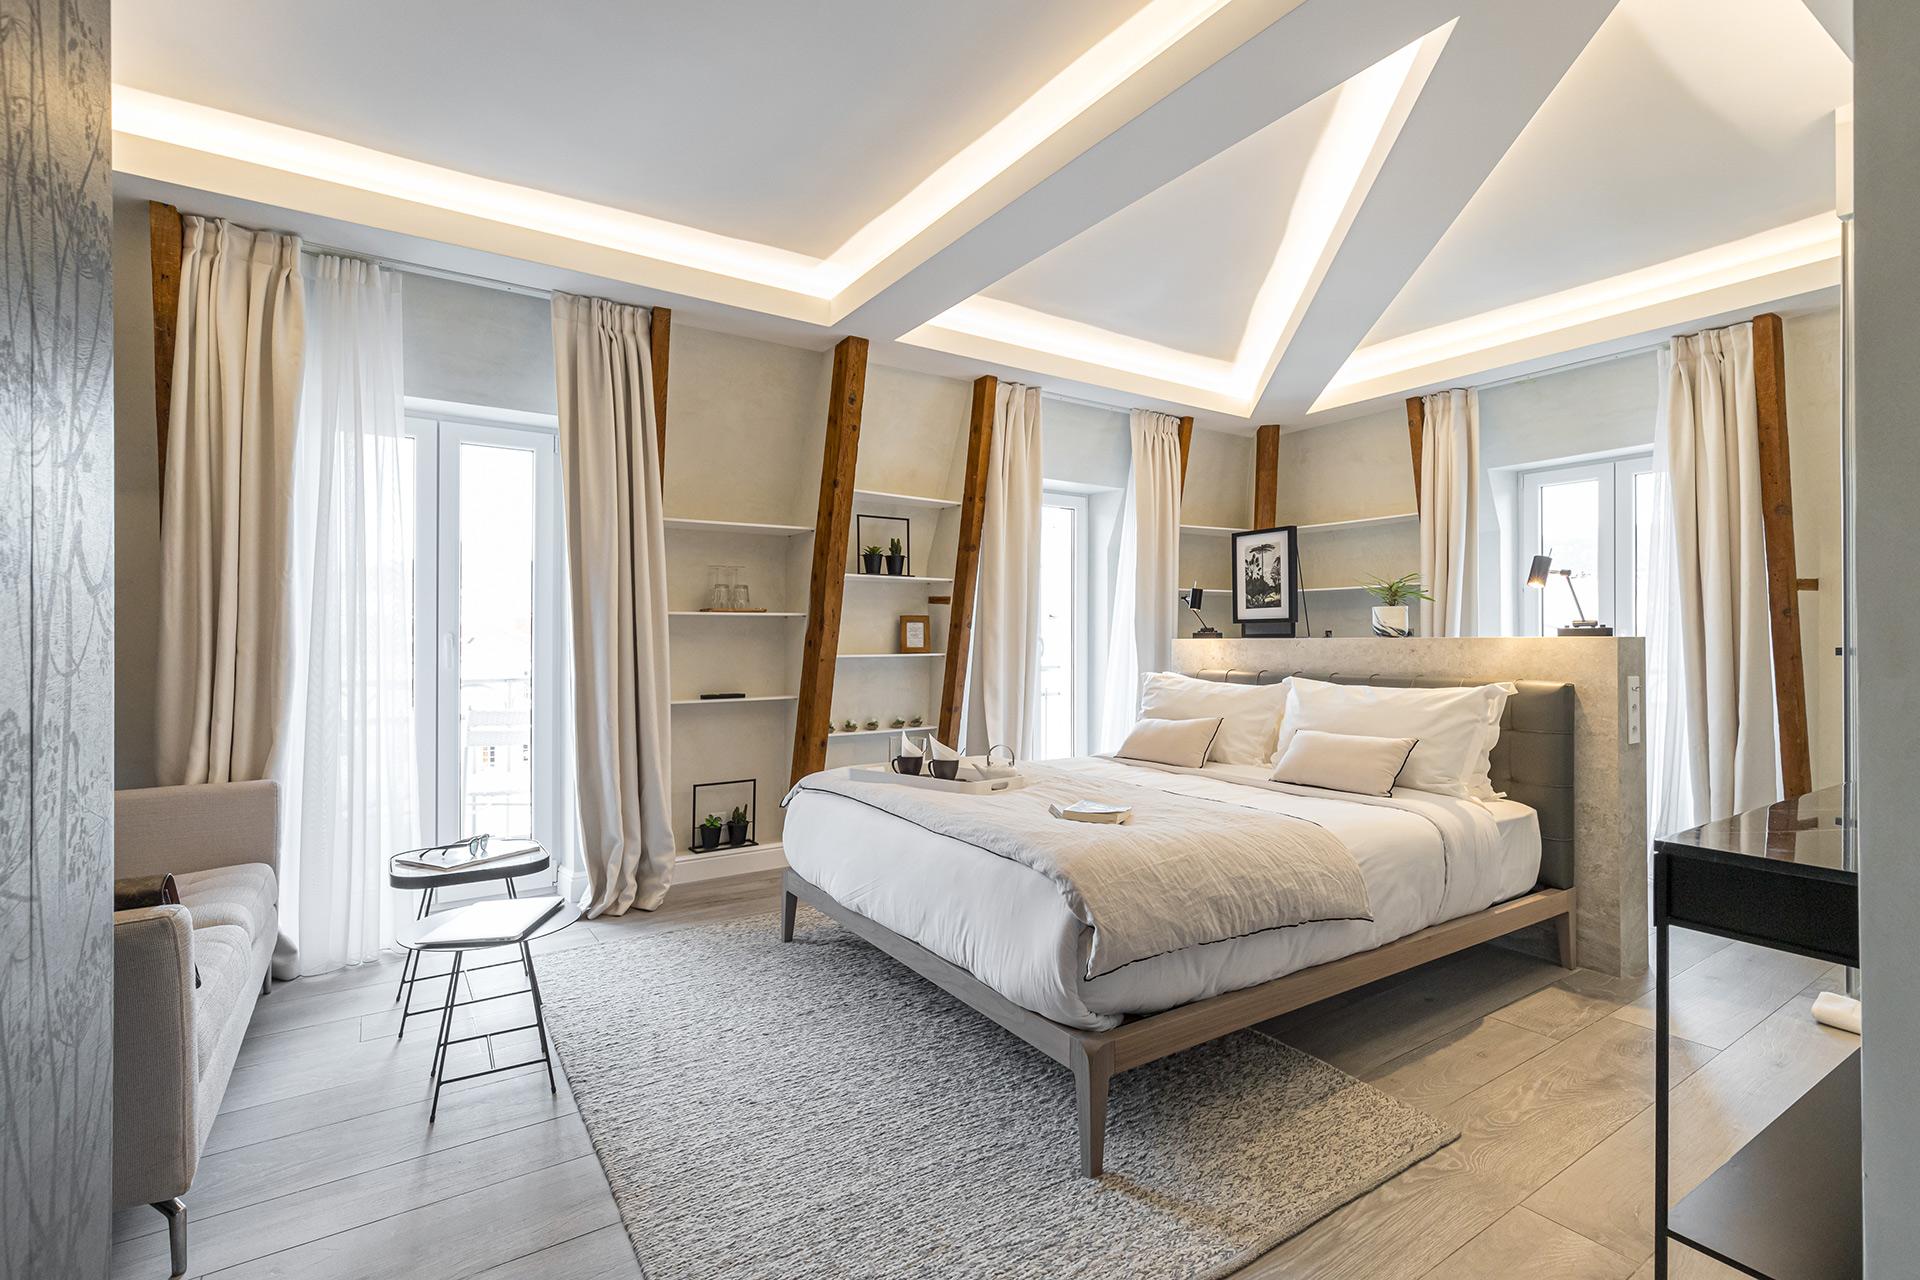 le-dortoir-nice-chambre-deluxe-balcon-7571